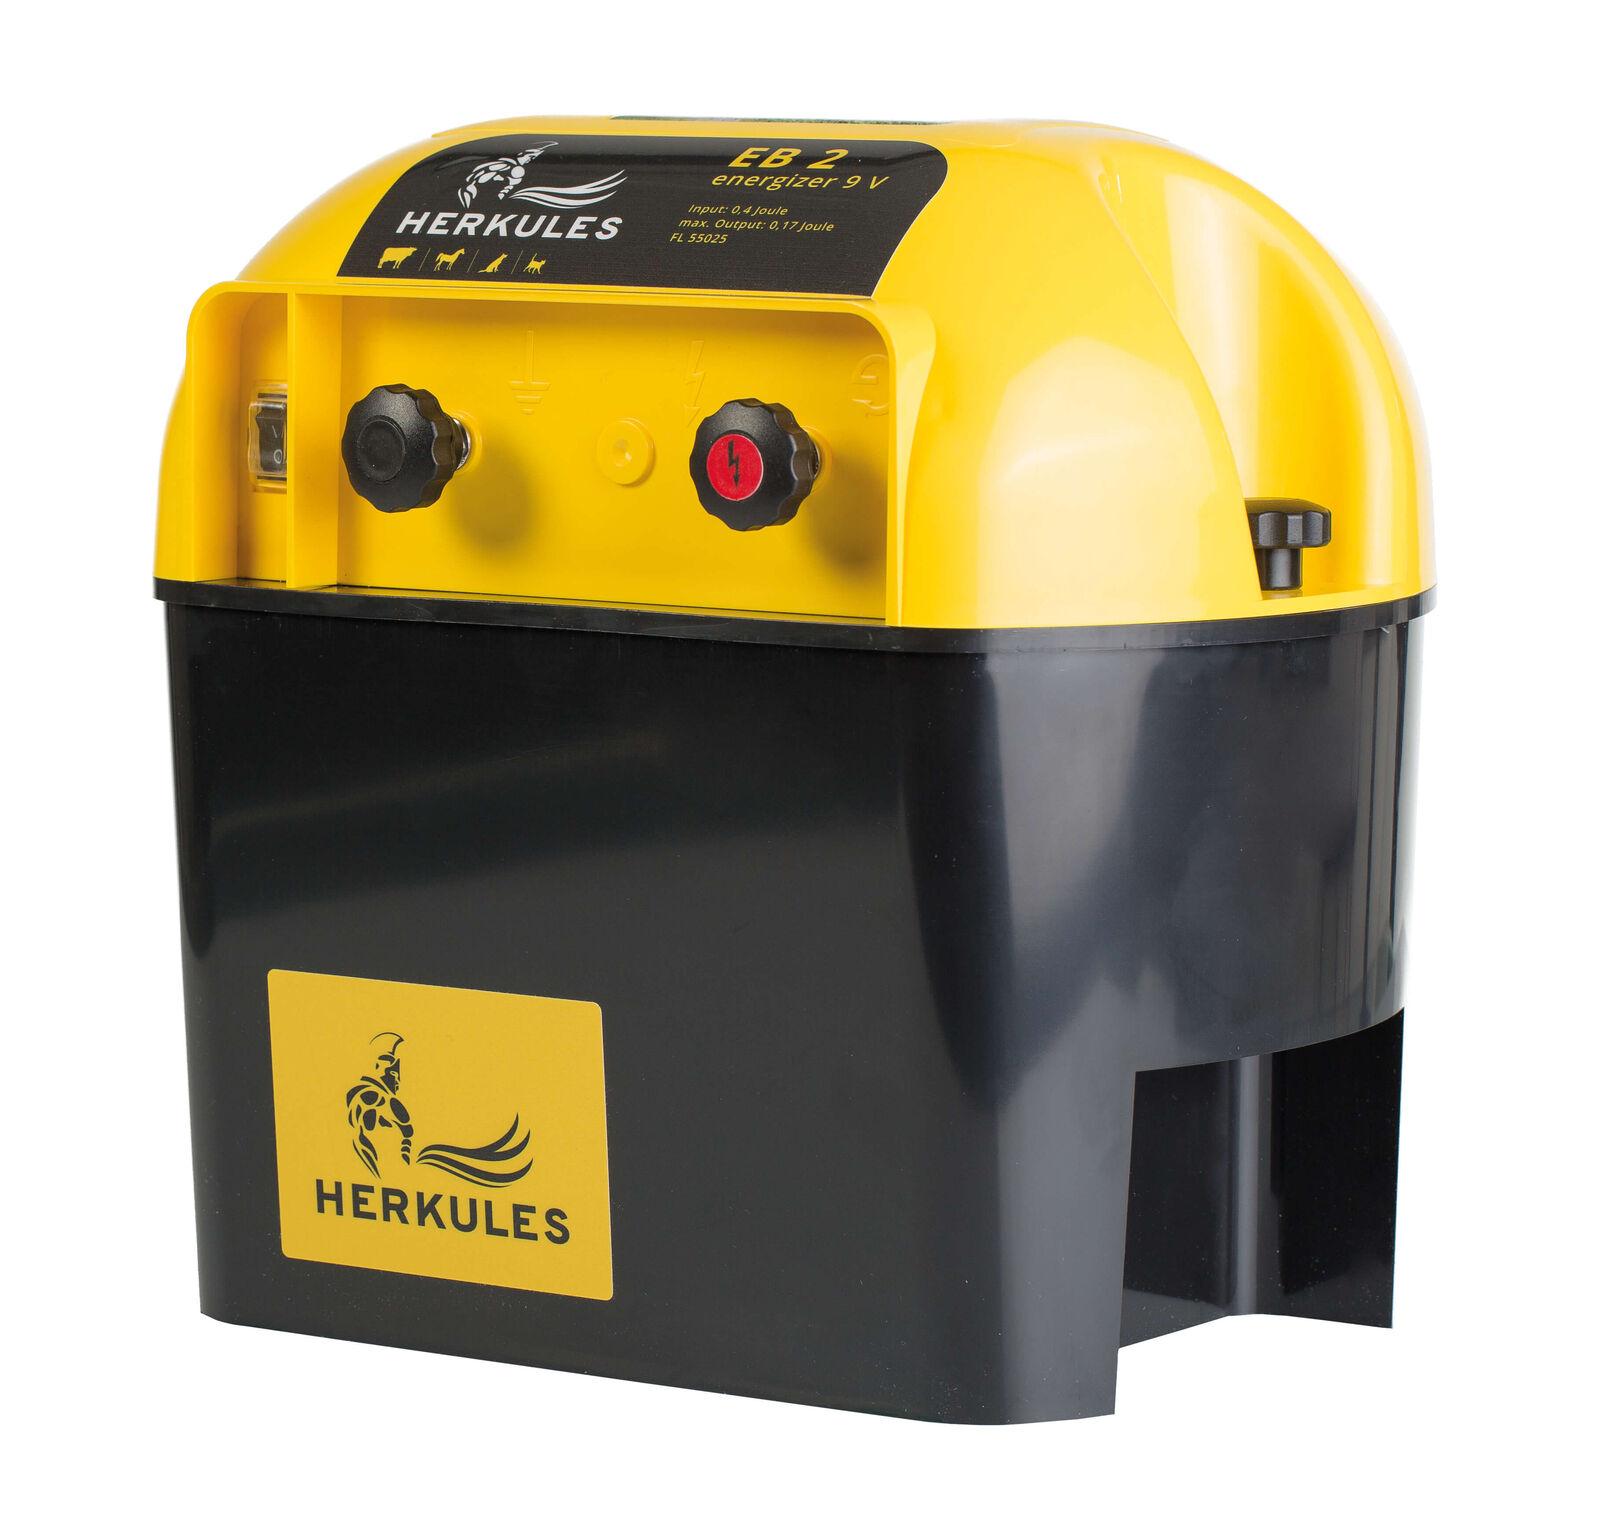 Weidezaungerät Hércules eb2 - 9v-batería dispositivo